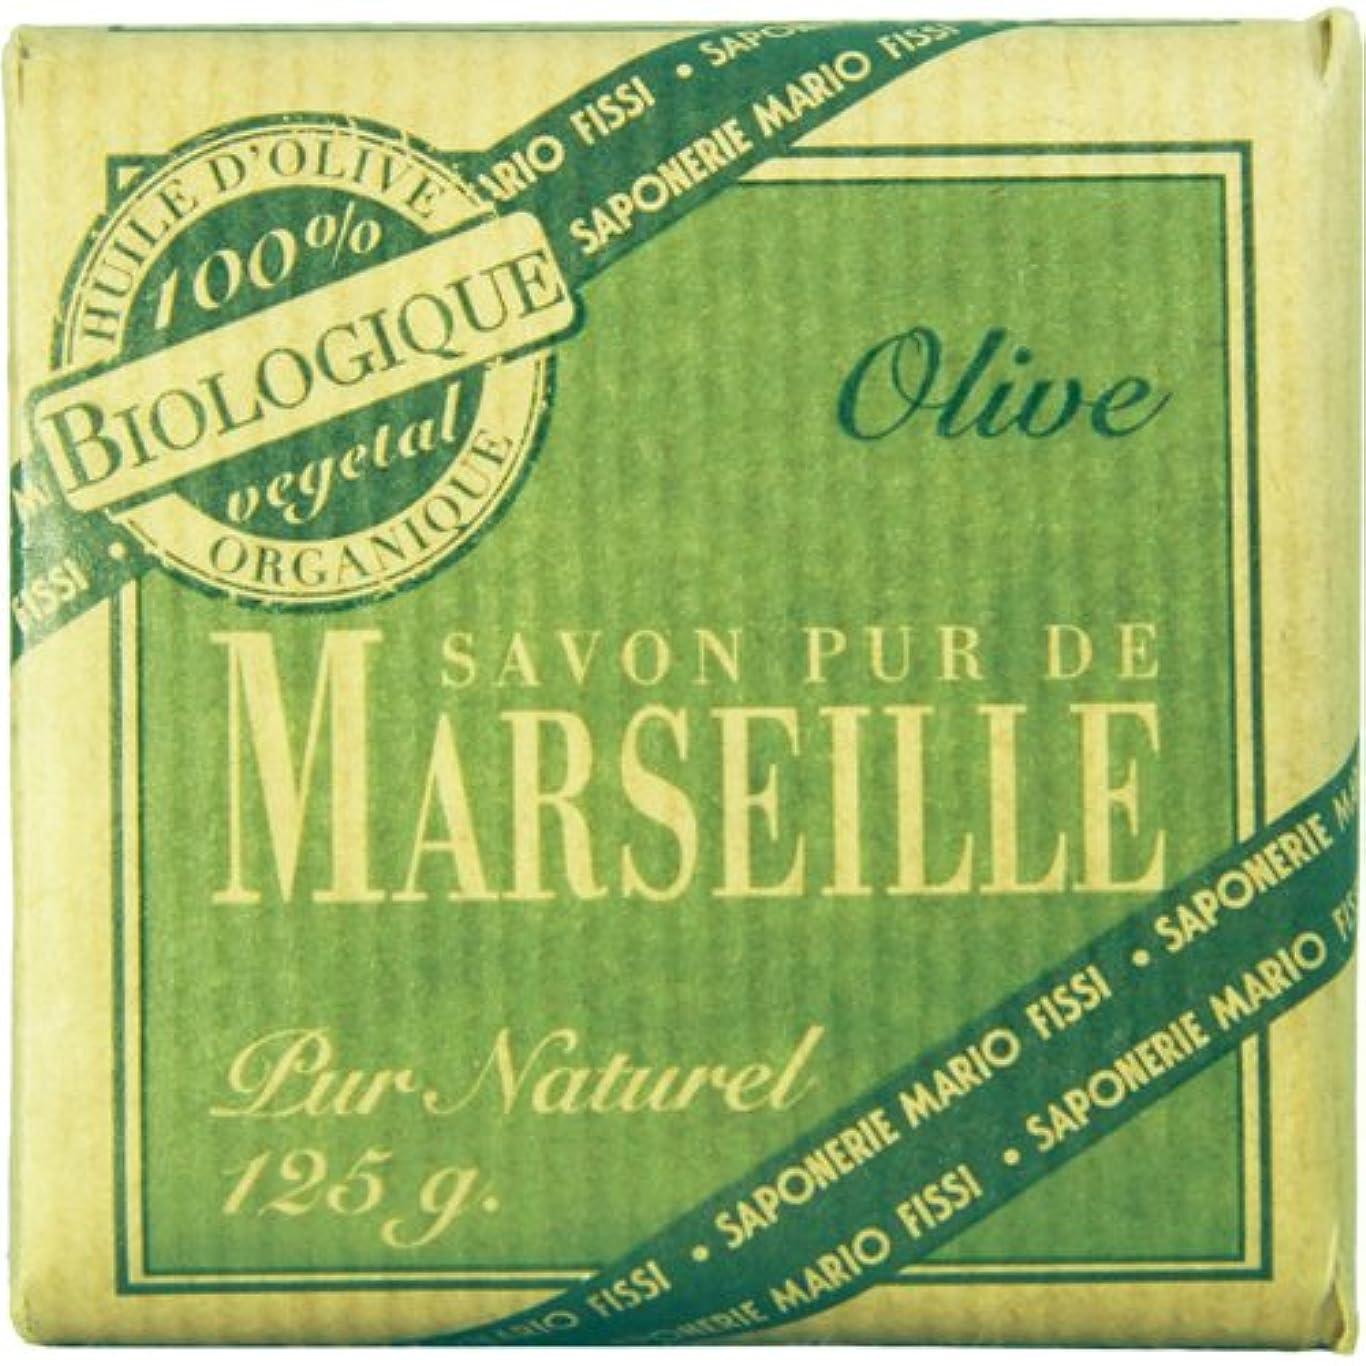 差別的第二平和的Saponerire Fissi マルセイユシリーズ マルセイユソープ 125g Olive オリーブ